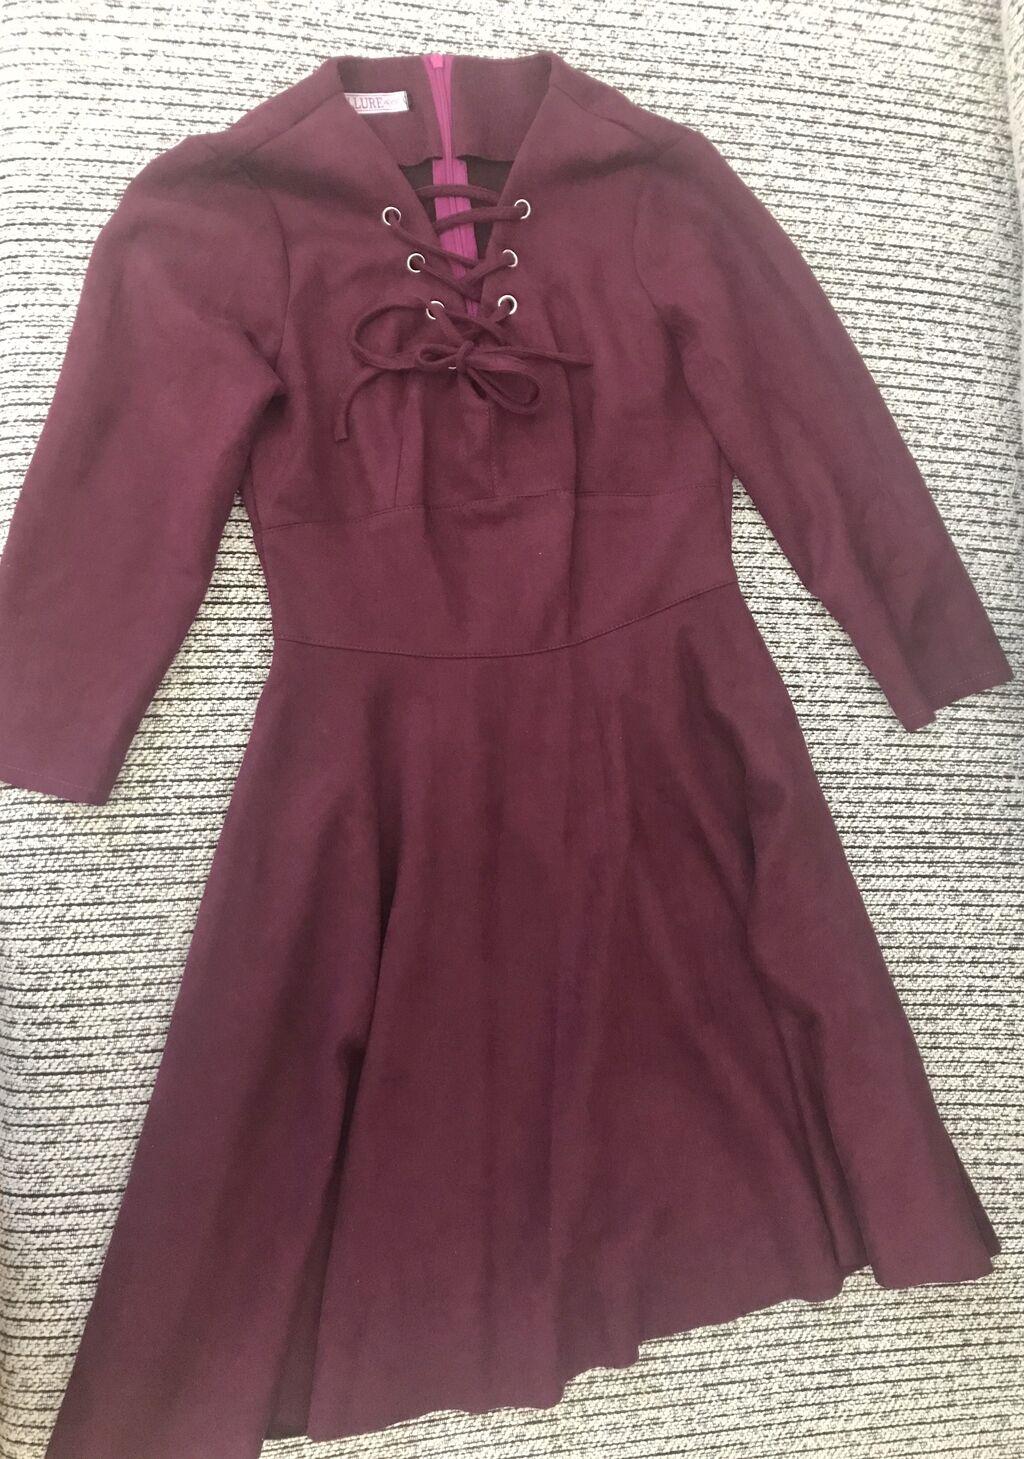 Замшевое платье. Вживую цвет насыщеннее